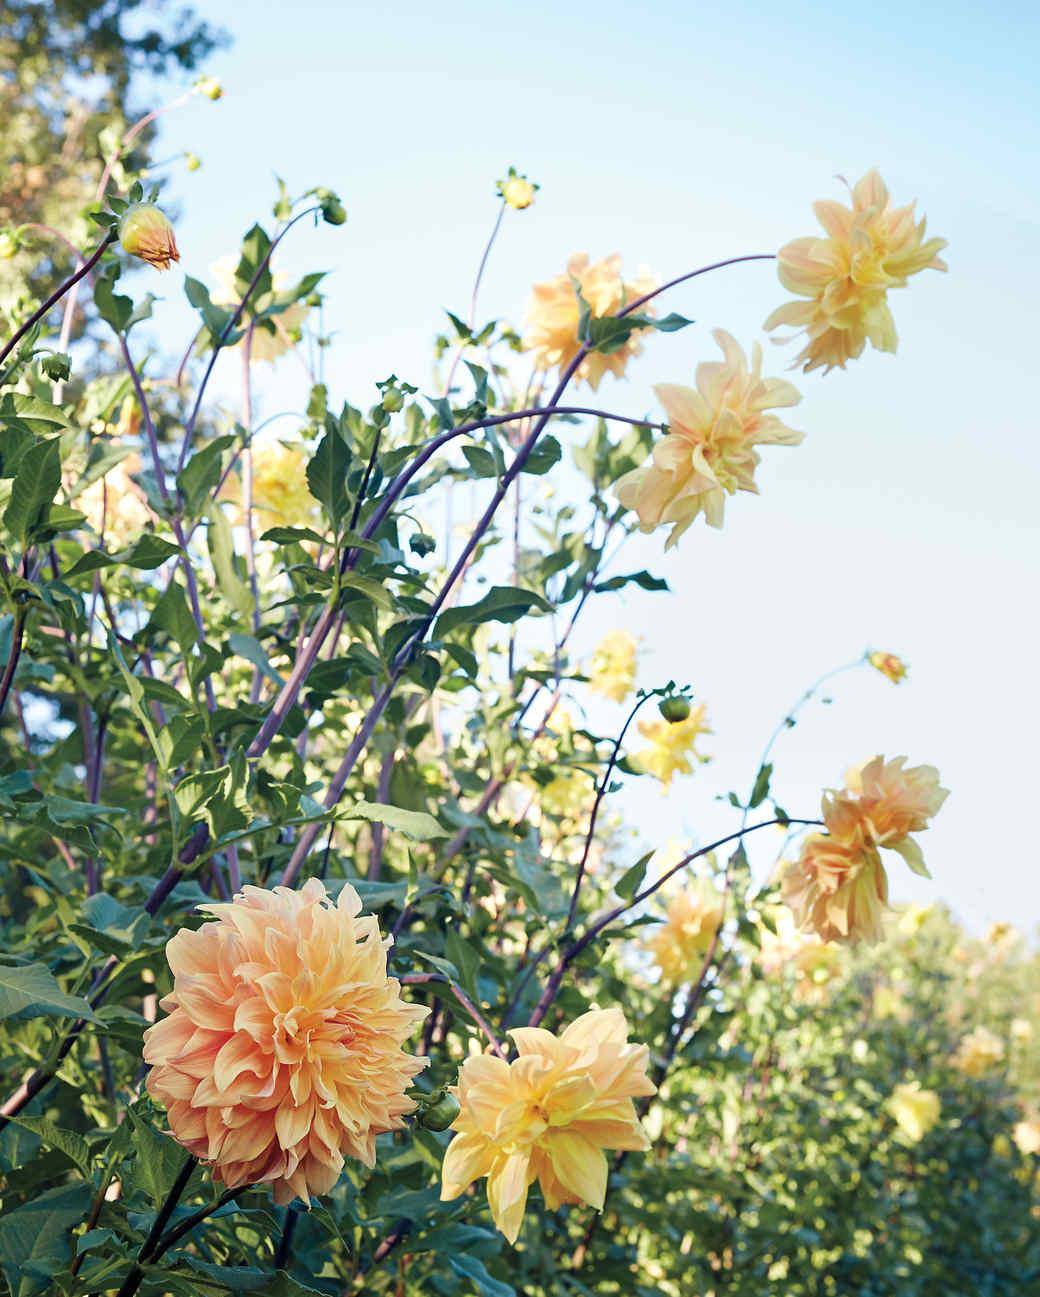 meadowburn-farms-garden-dahlias-046-d111557.jpg